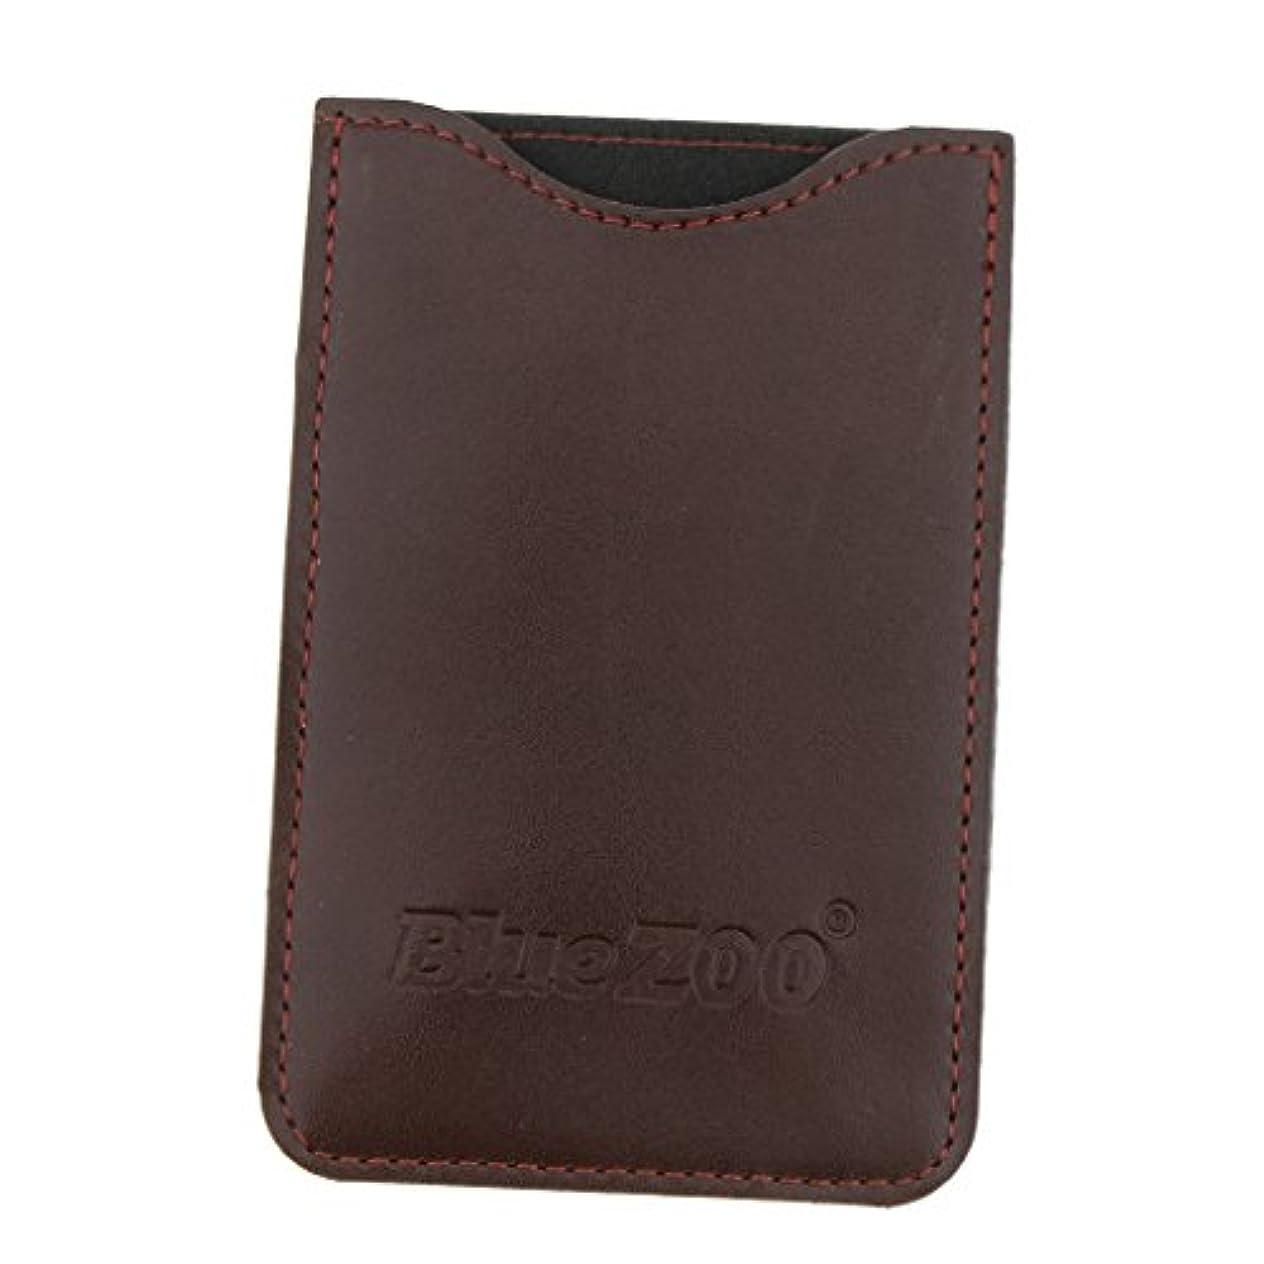 権利を与える添加ドライブ収納パック 収納ケース 保護カバー 櫛/名刺/IDカード/銀行カード 旅行 便利 全2色 - 褐色